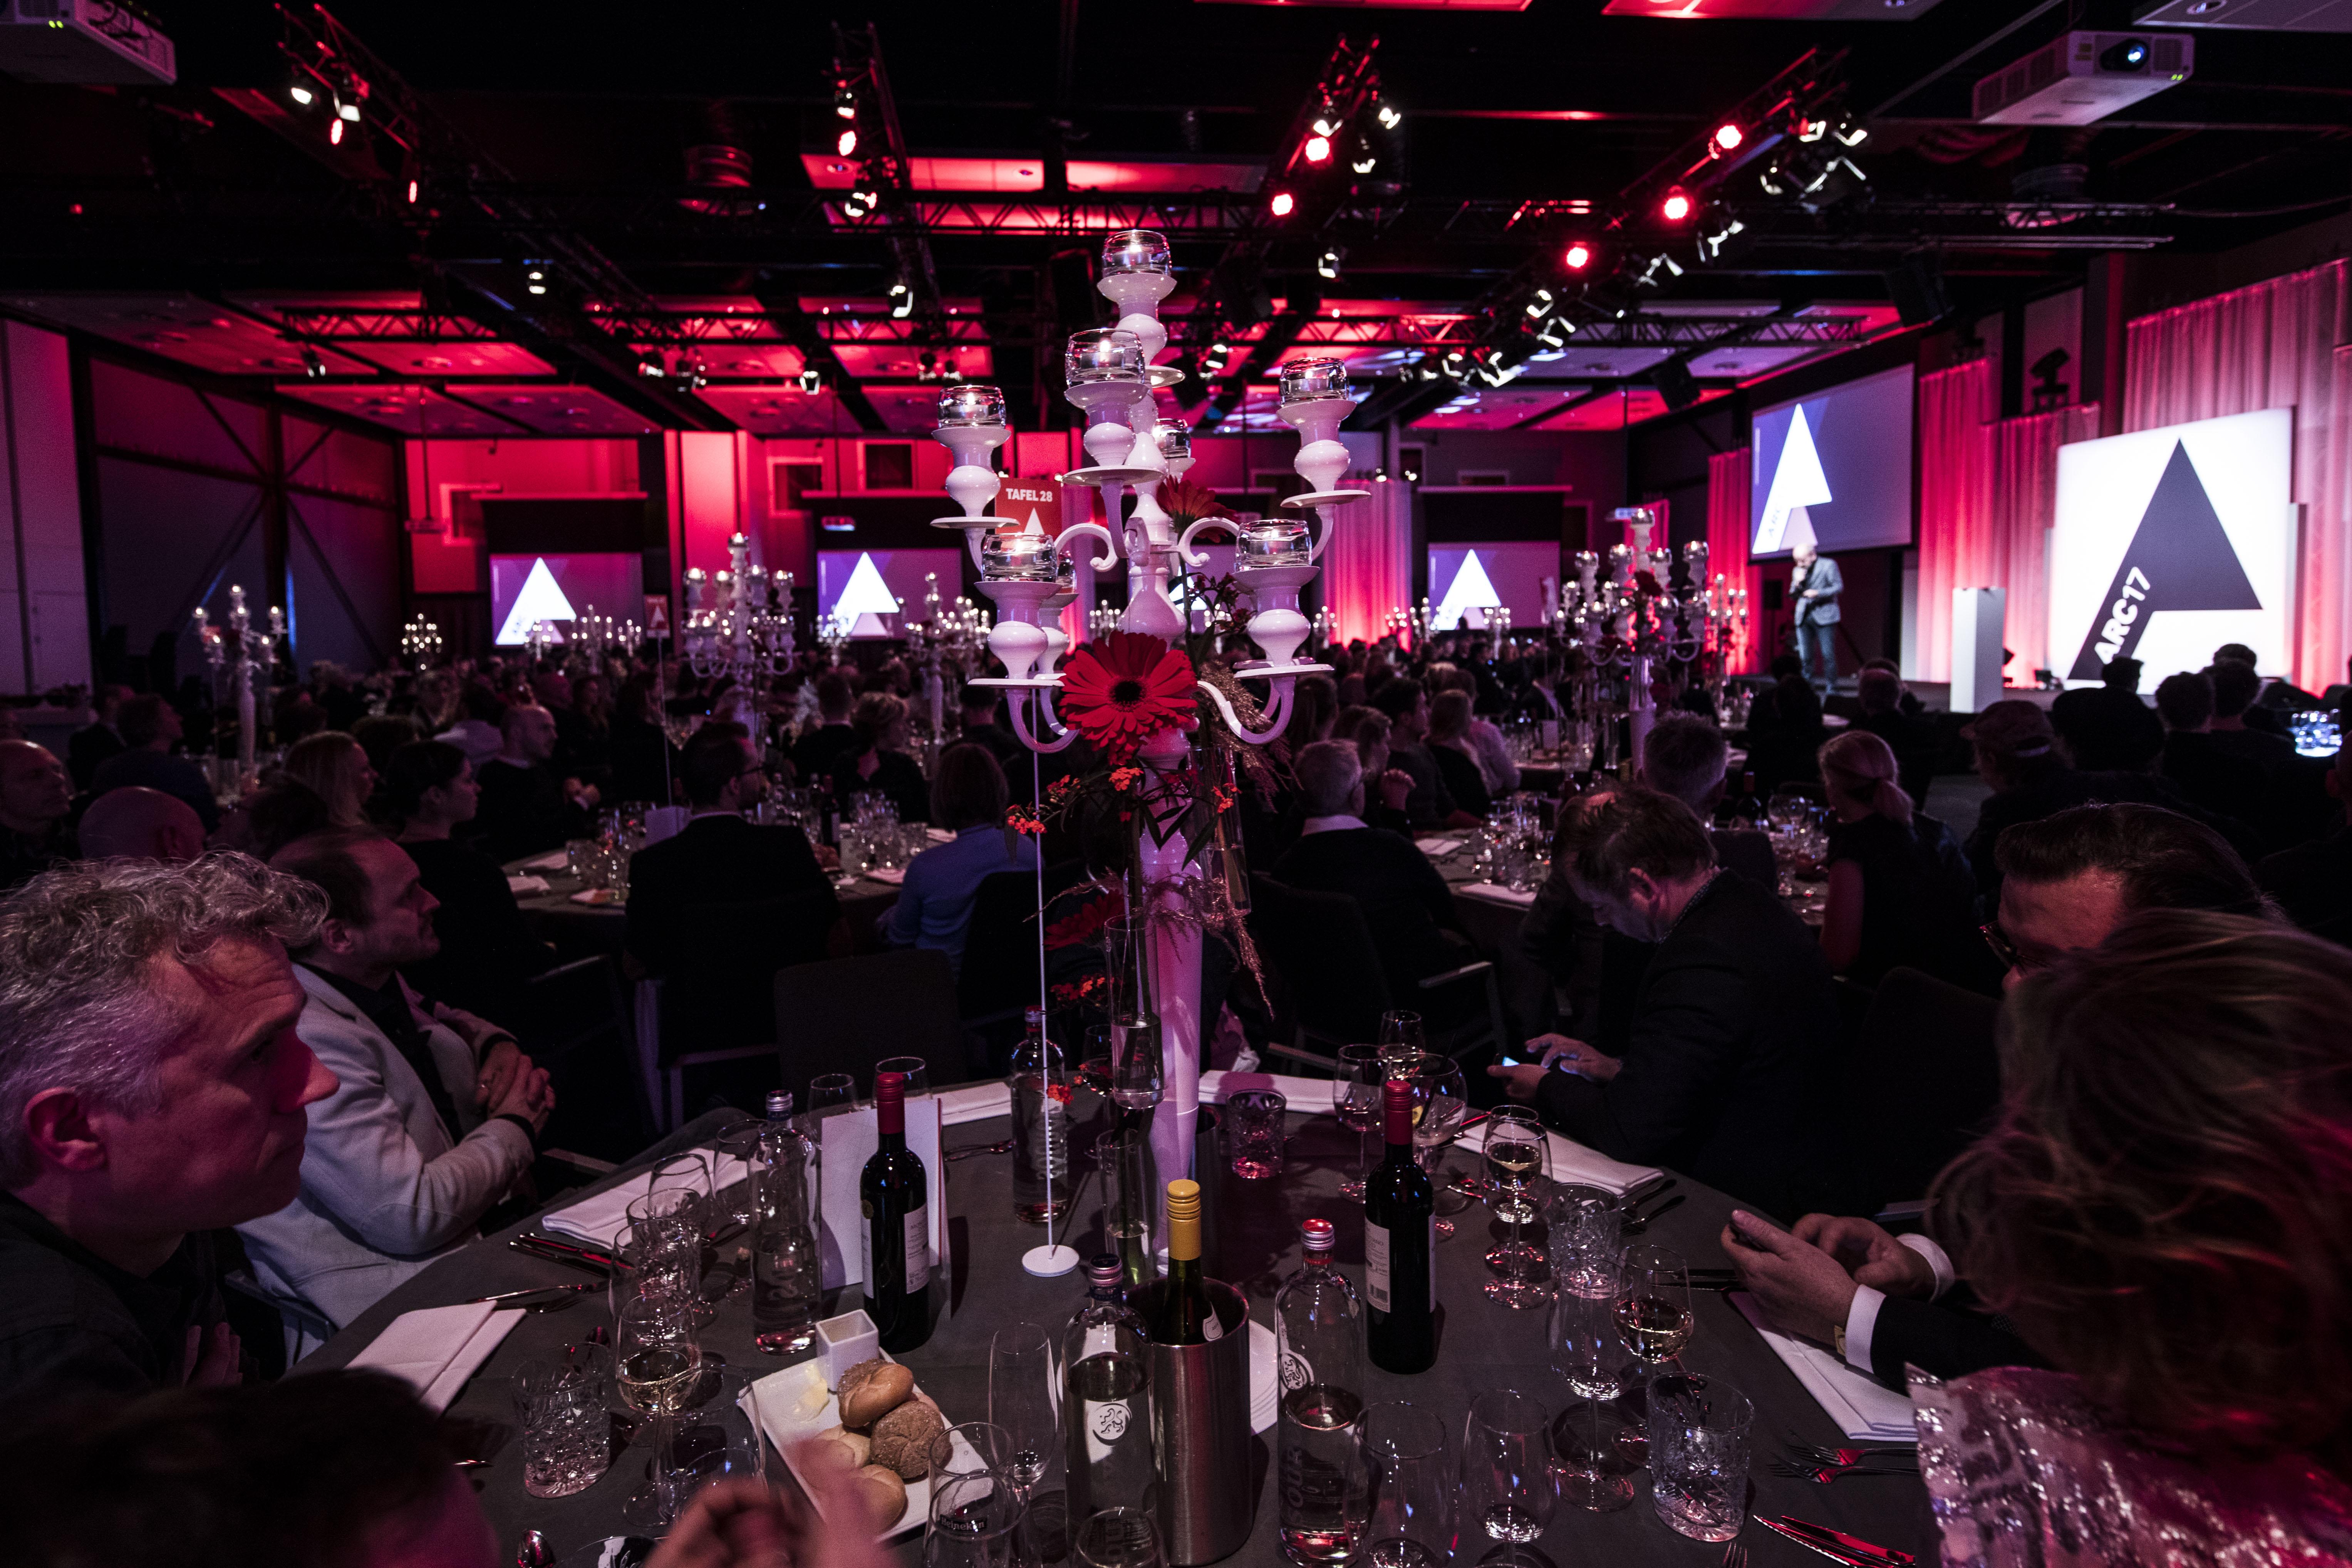 <p>Voor de uitreiking van de ARC17 Awards toog tout architectonisch Nederland donderdag 30 november naar de Kauwgomballenfabriek in Amsterdam. Foto Elvins Fotografie</p>